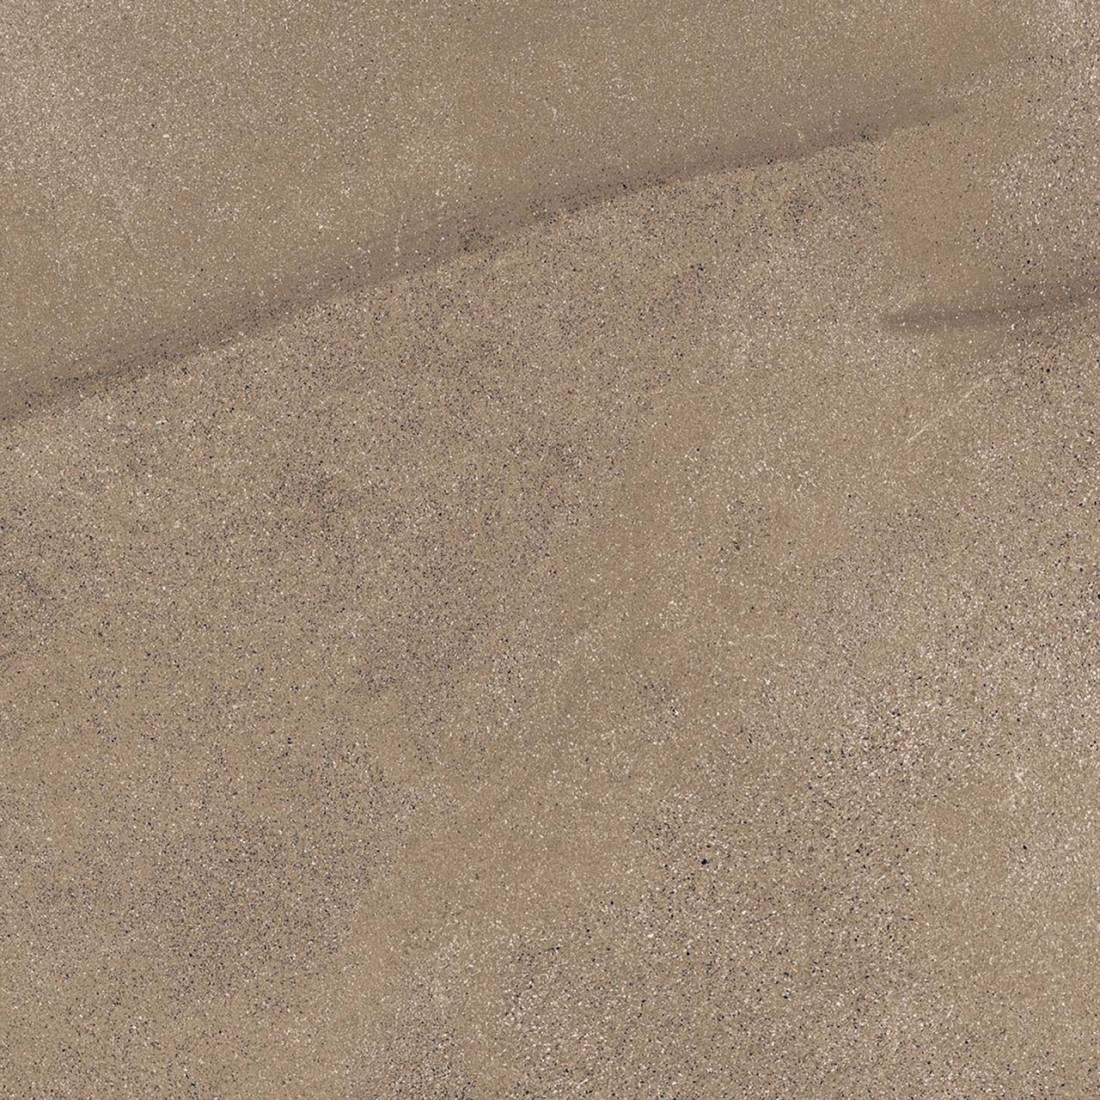 Quartzite 60x60 Coffee Polished 1